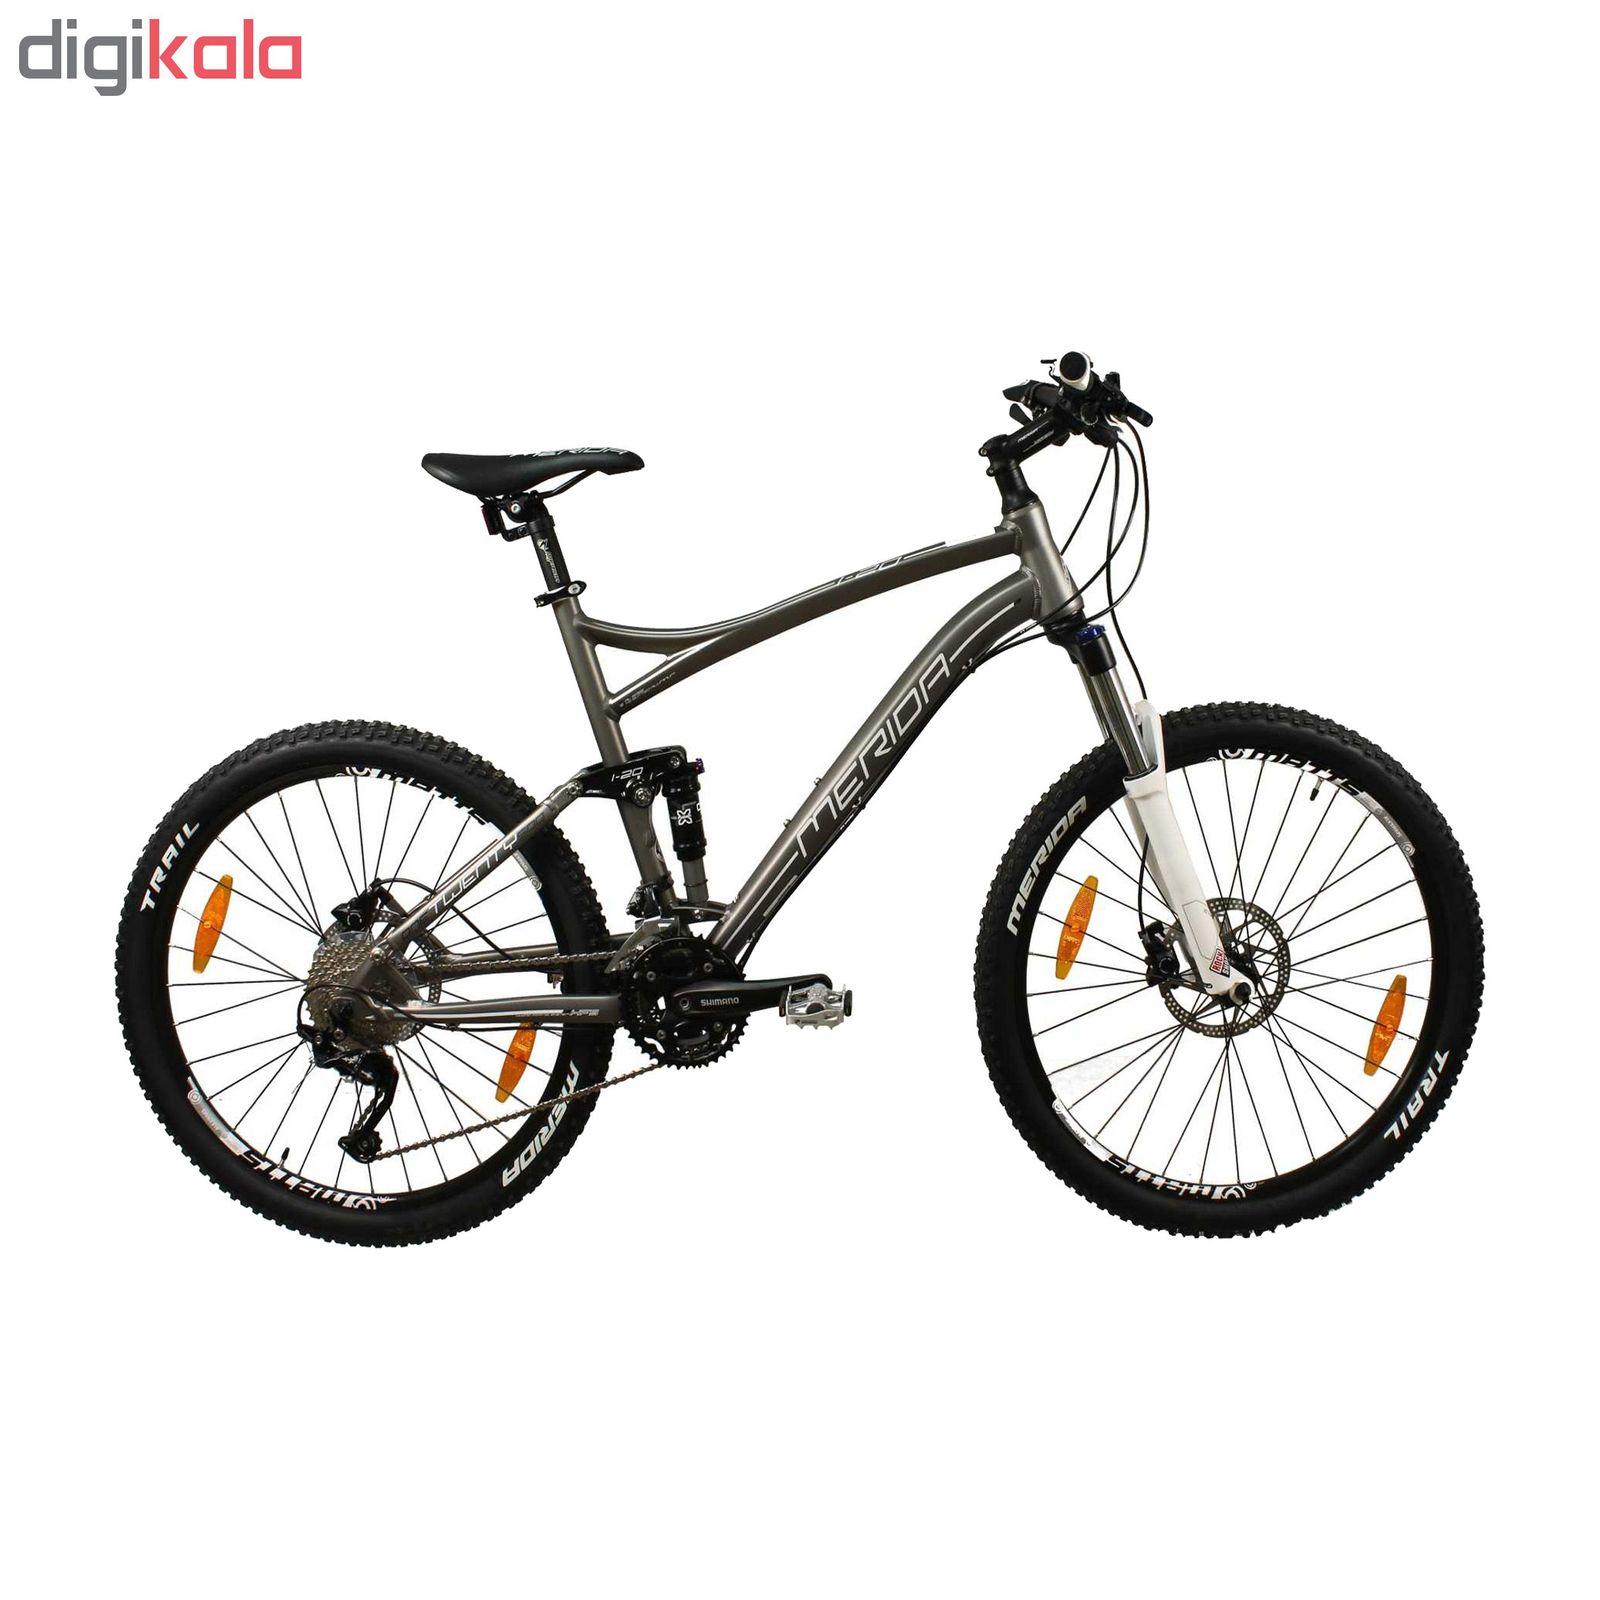 دوچرخه کوهستان مریدا مدل ONE-TWENTY 500 D سایز 26 main 1 1